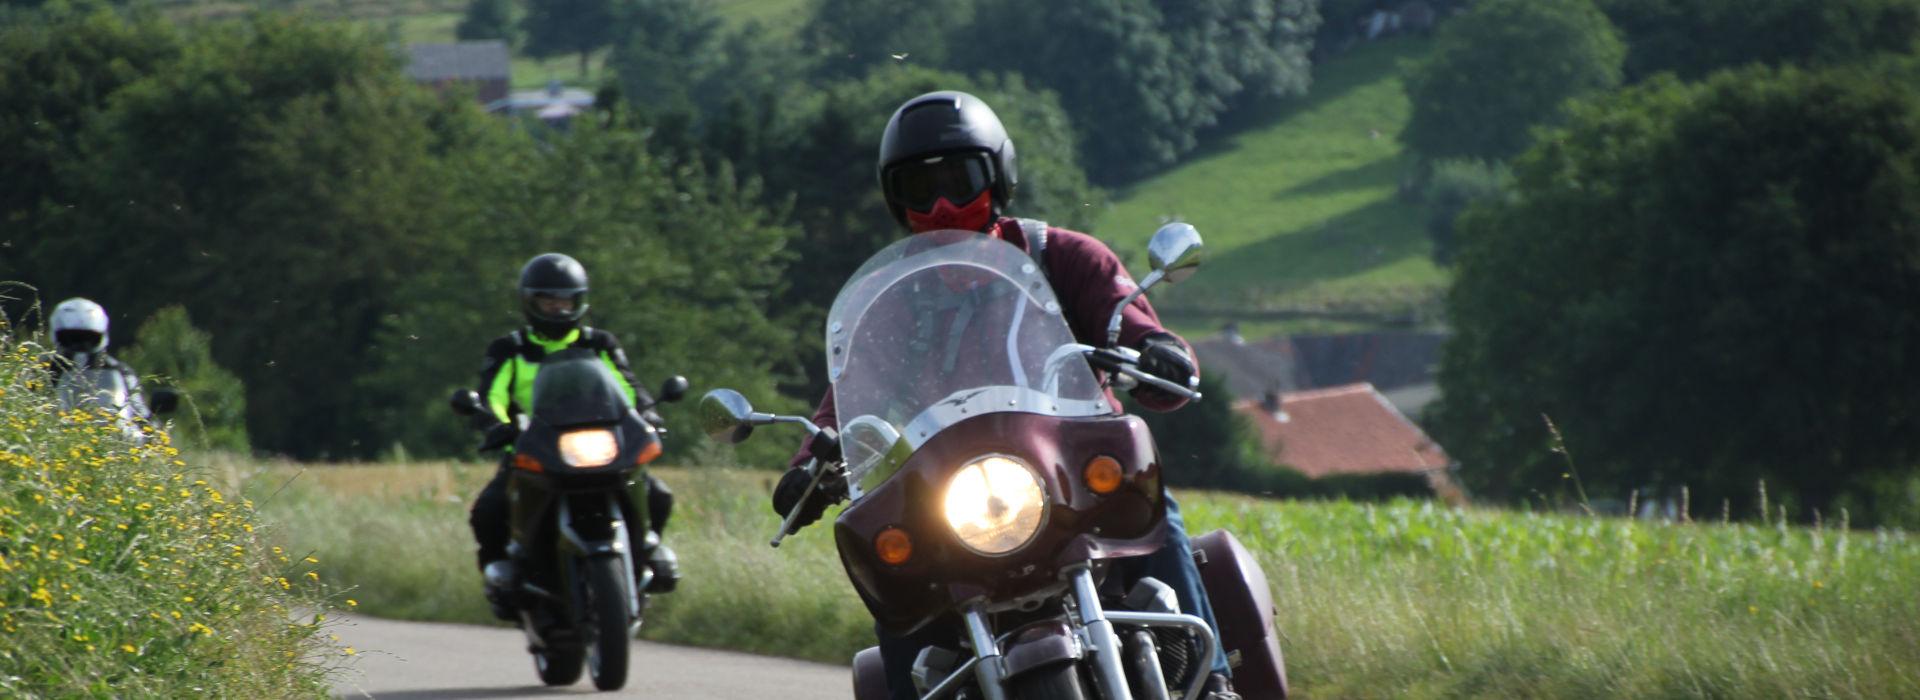 Motorrijschool Motorrijbewijspoint Asten motorrijlessen